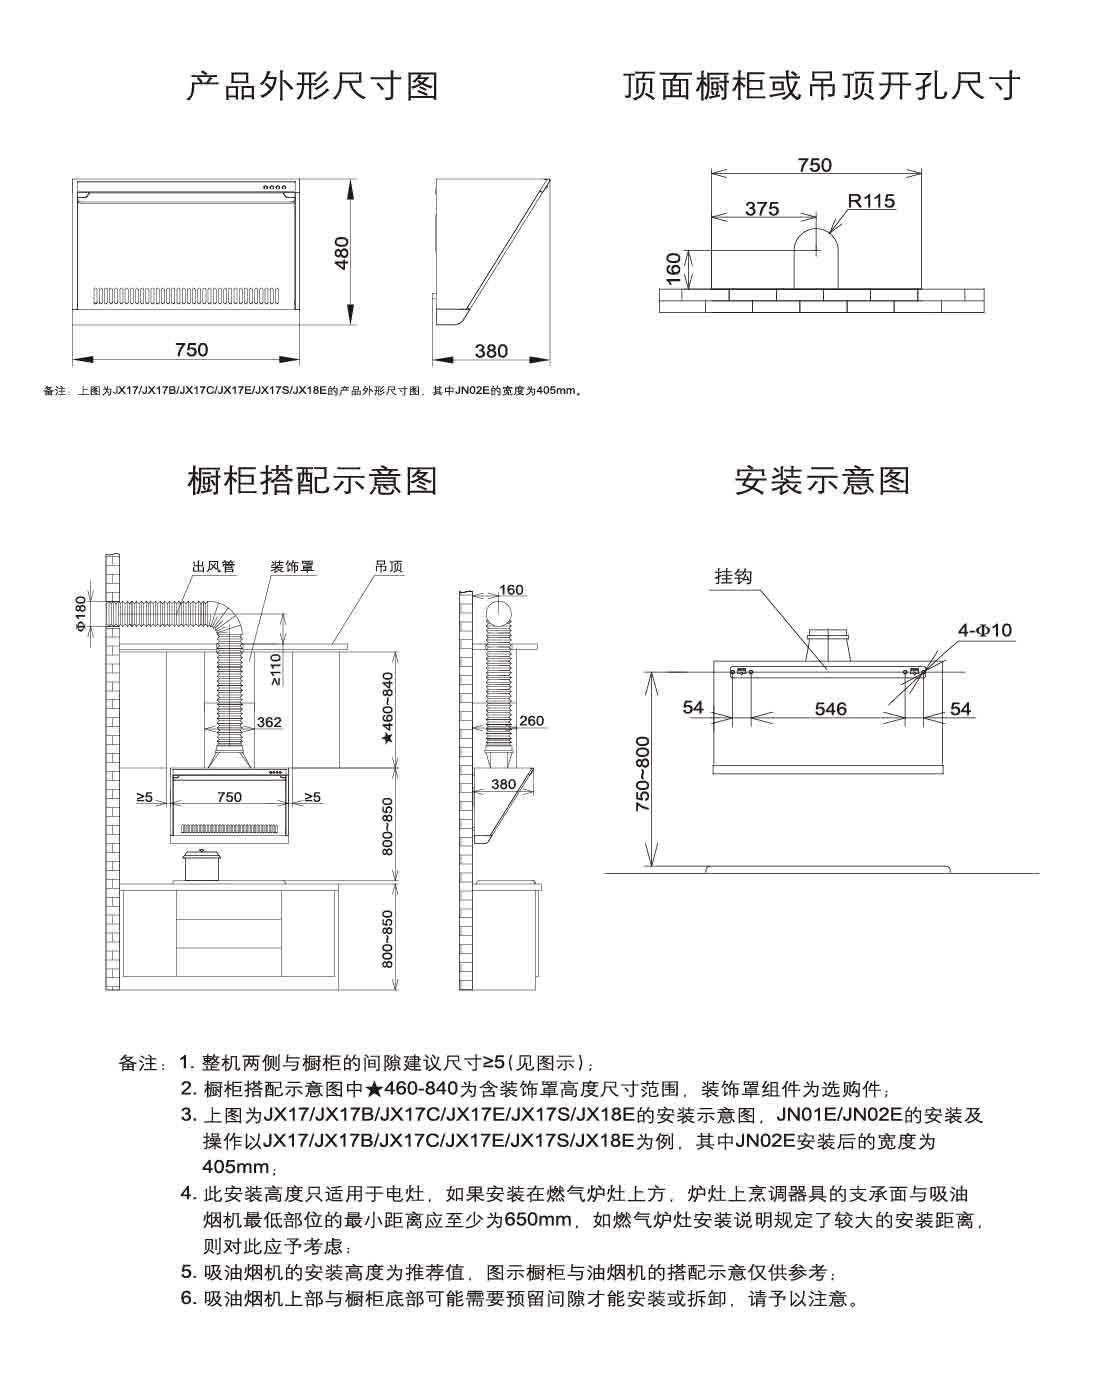 方太CXW-189-JN01E安装示意图